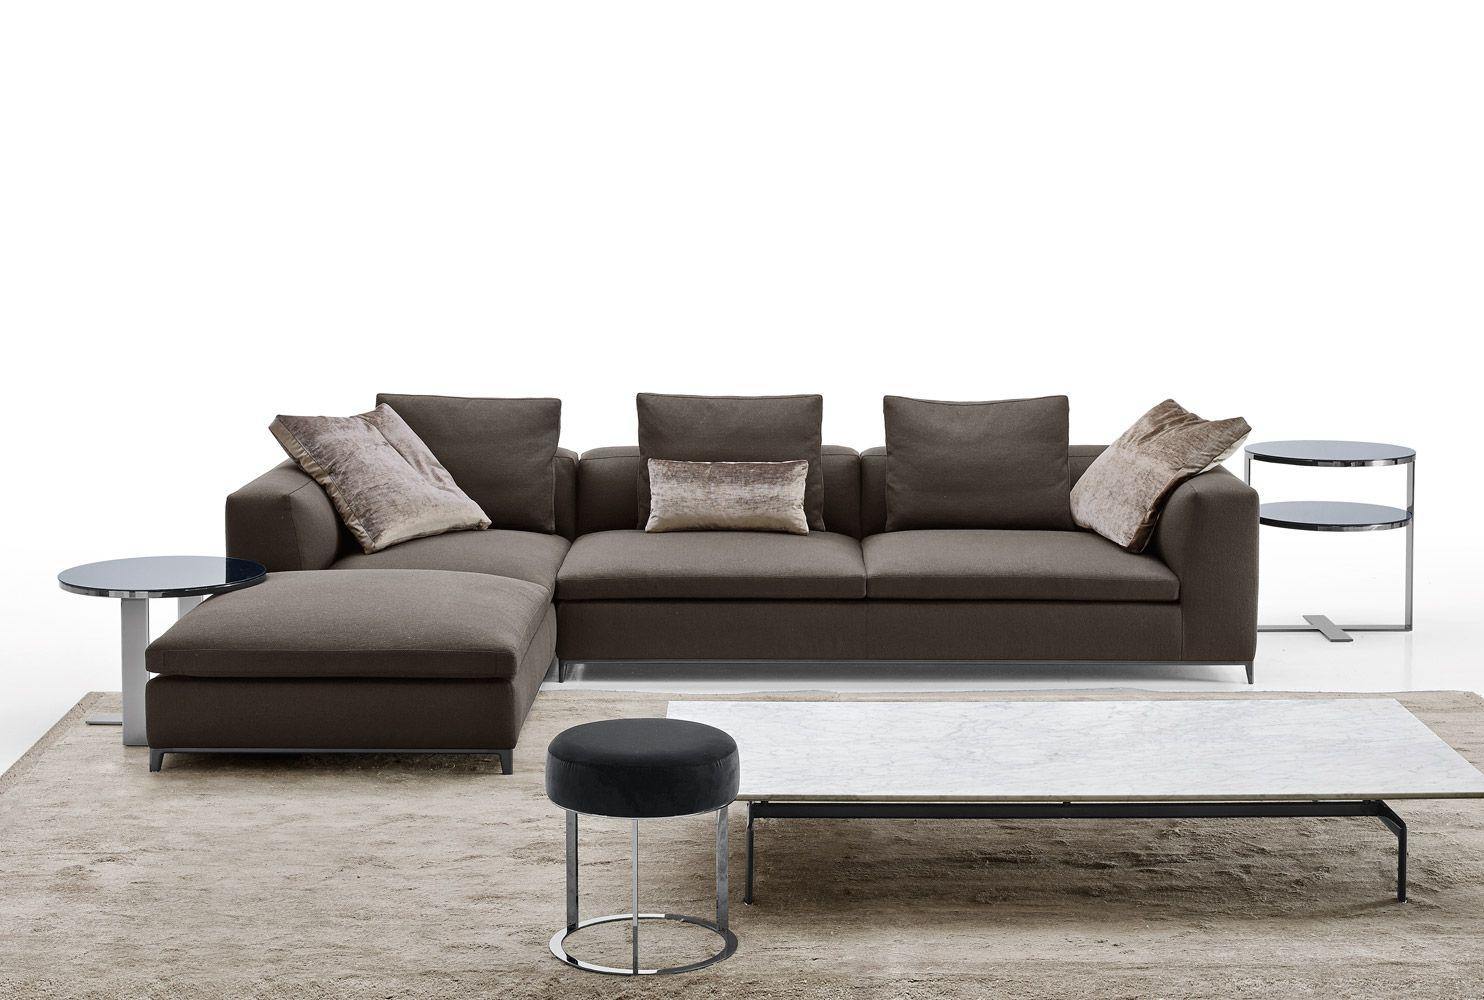 Sofa Michel Club -B&B Italia - Design of Antonio Citterio